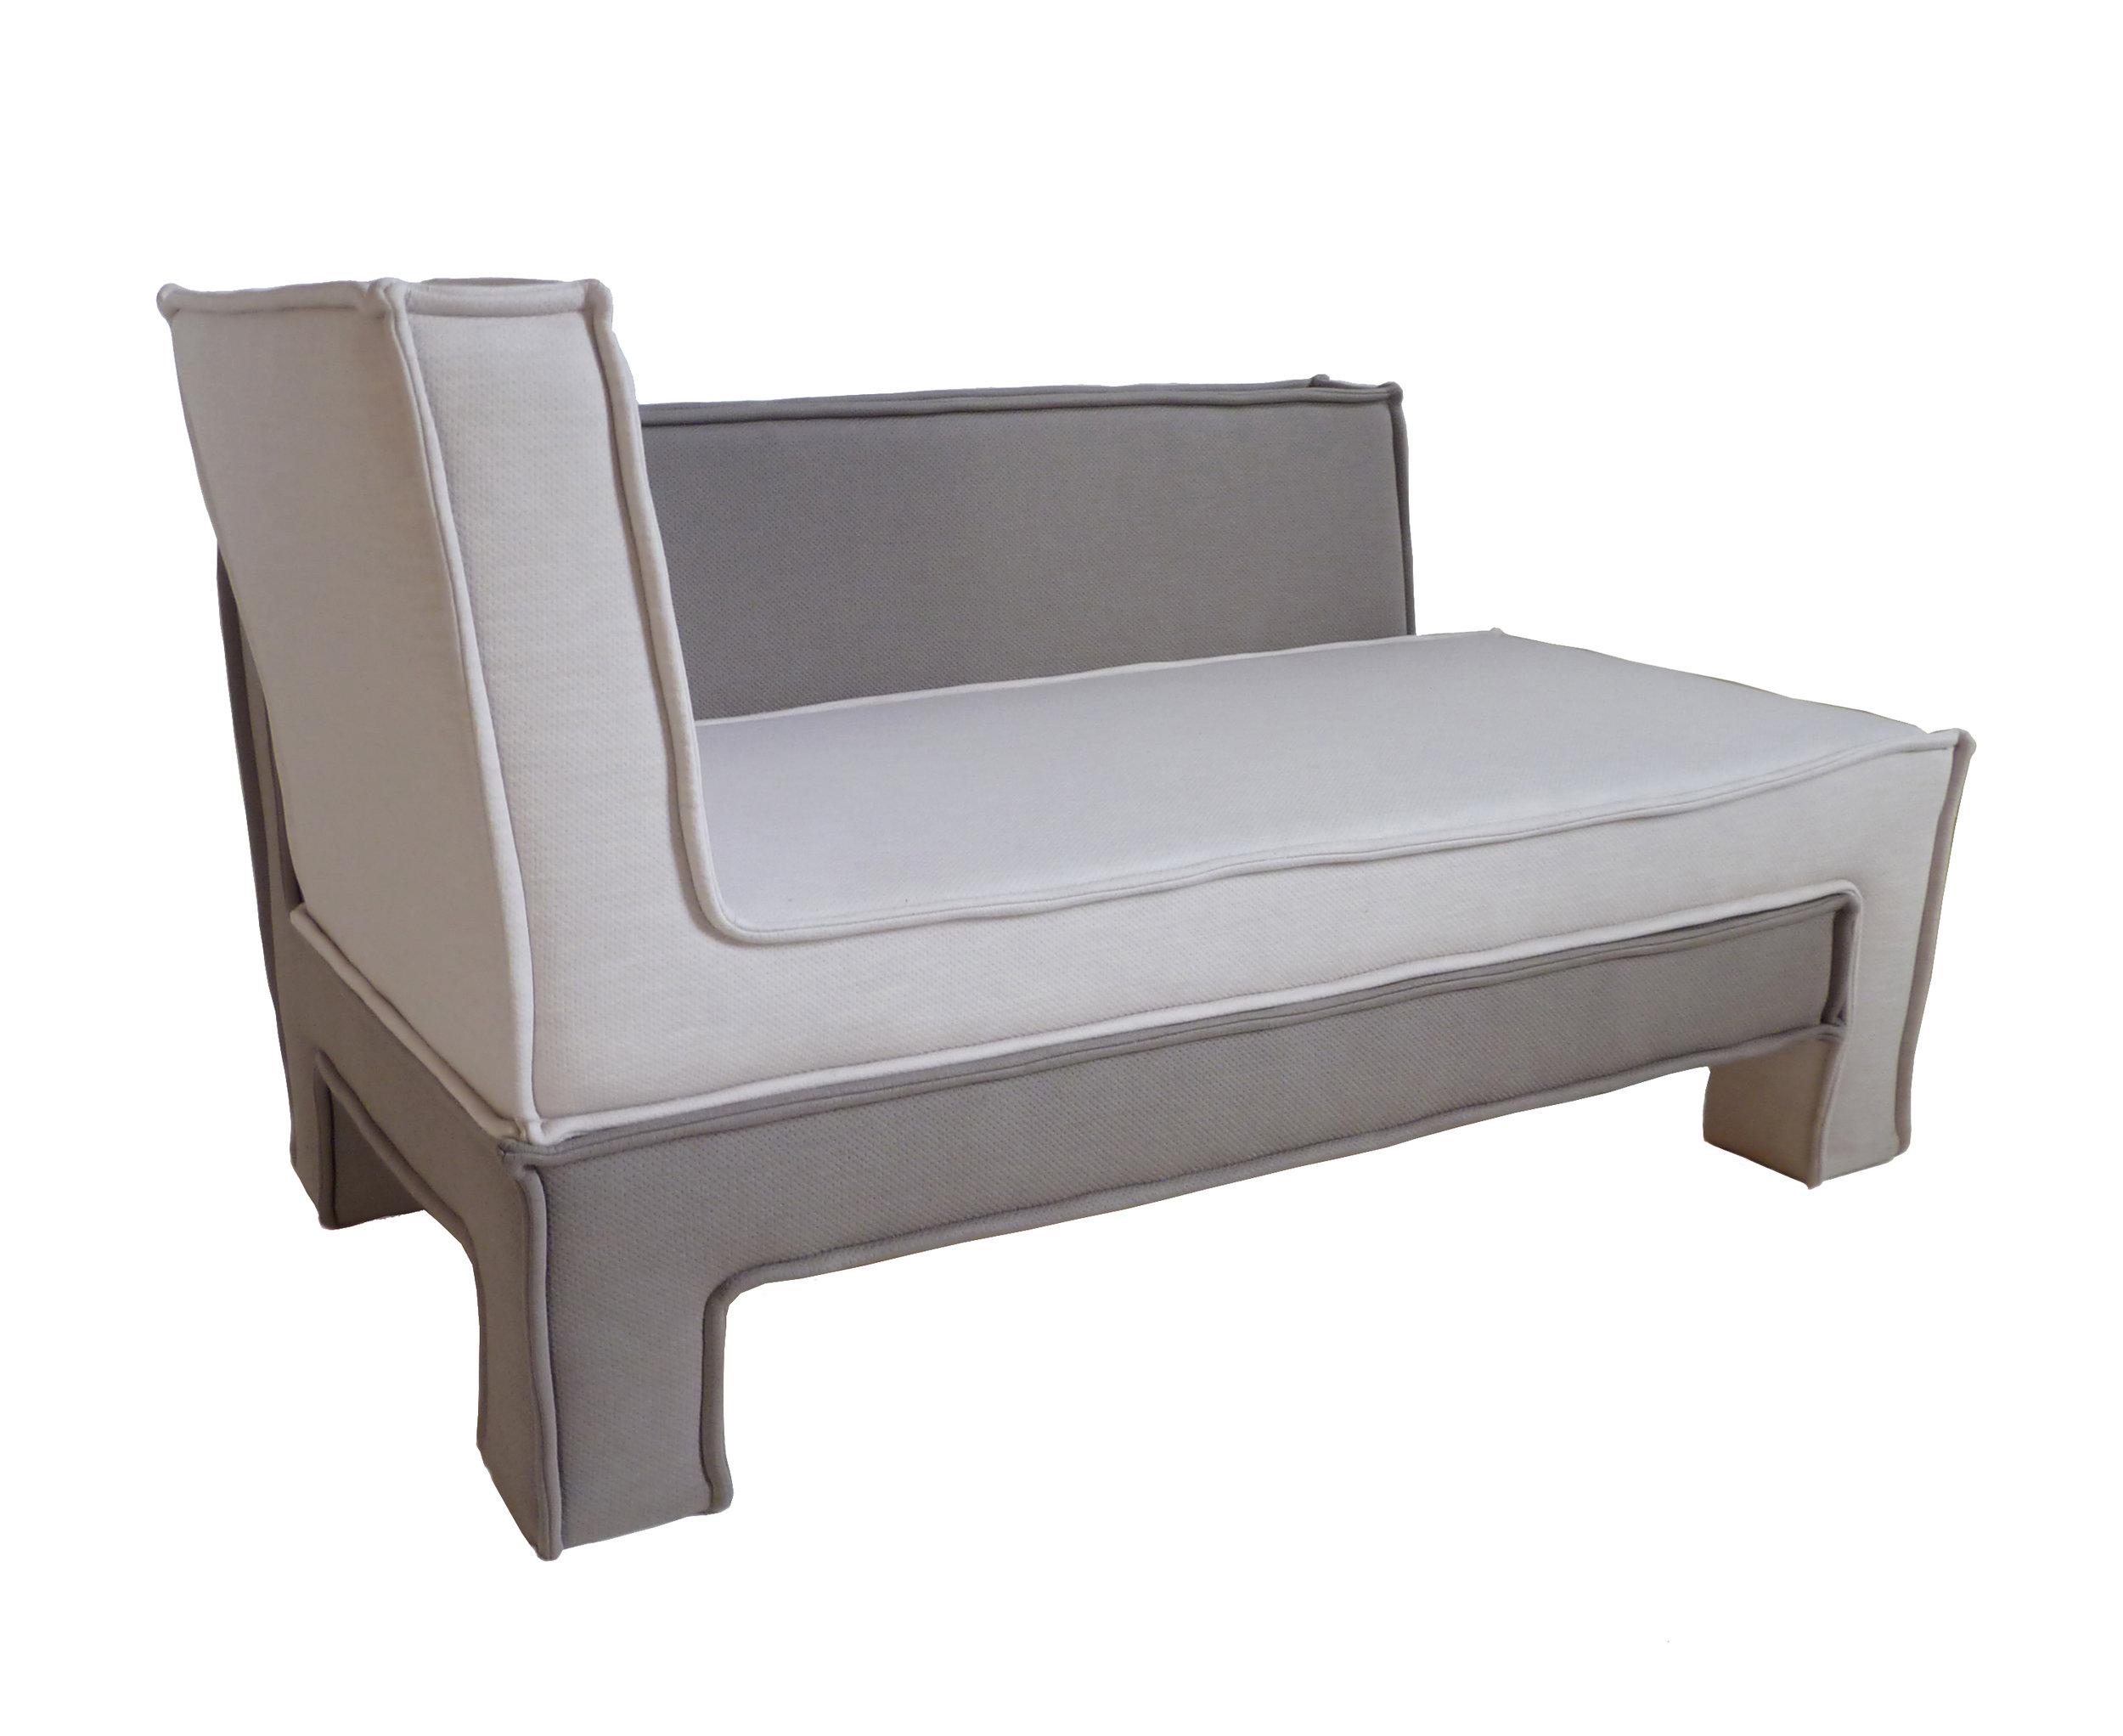 chaise longue 4.jpg